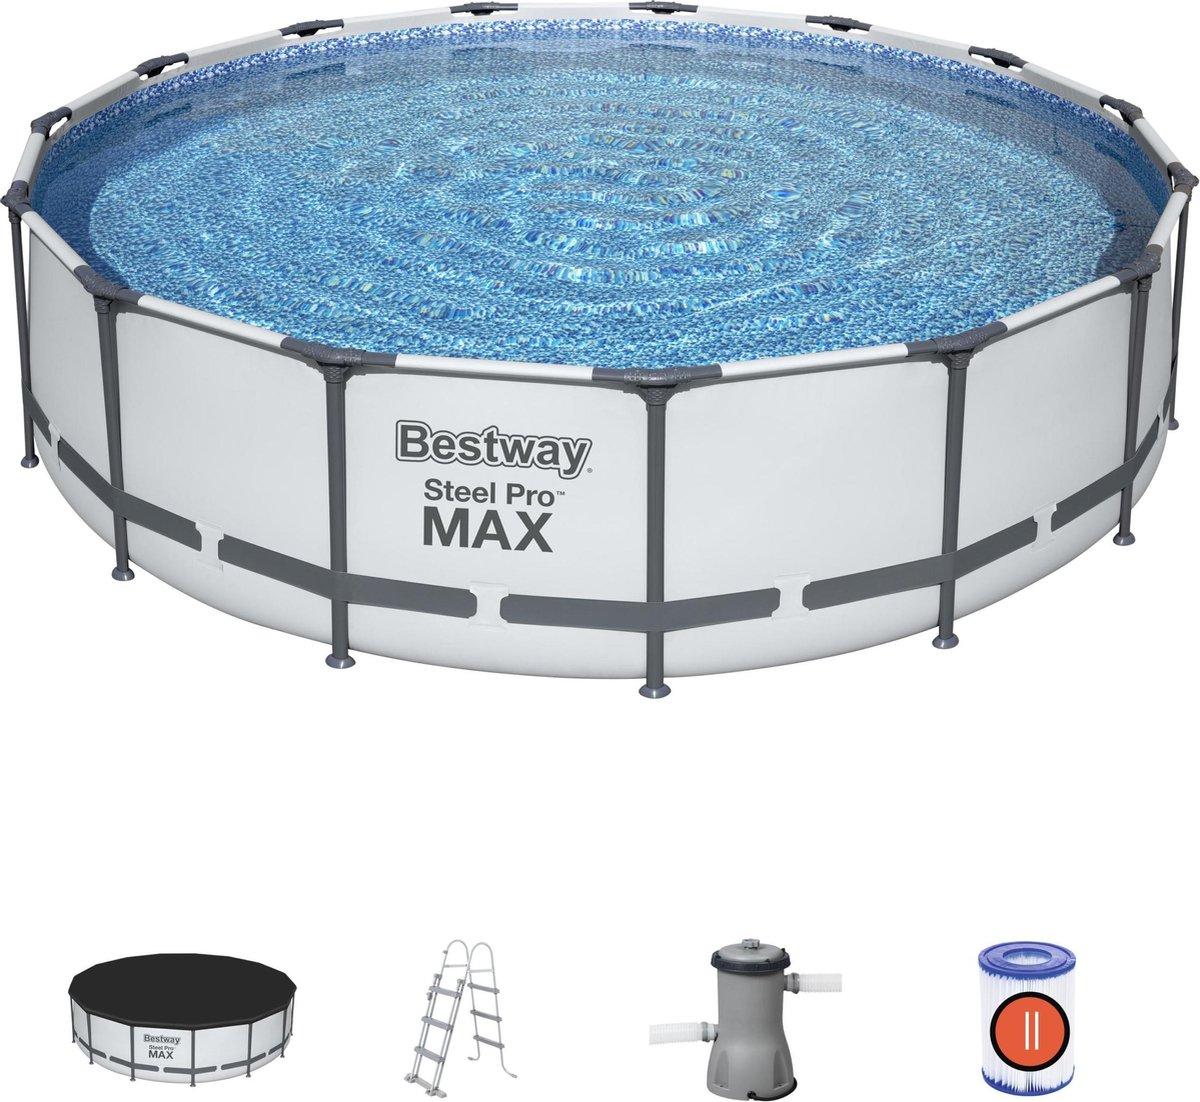 Bestway Steel Pro Zwembad max set rond 457